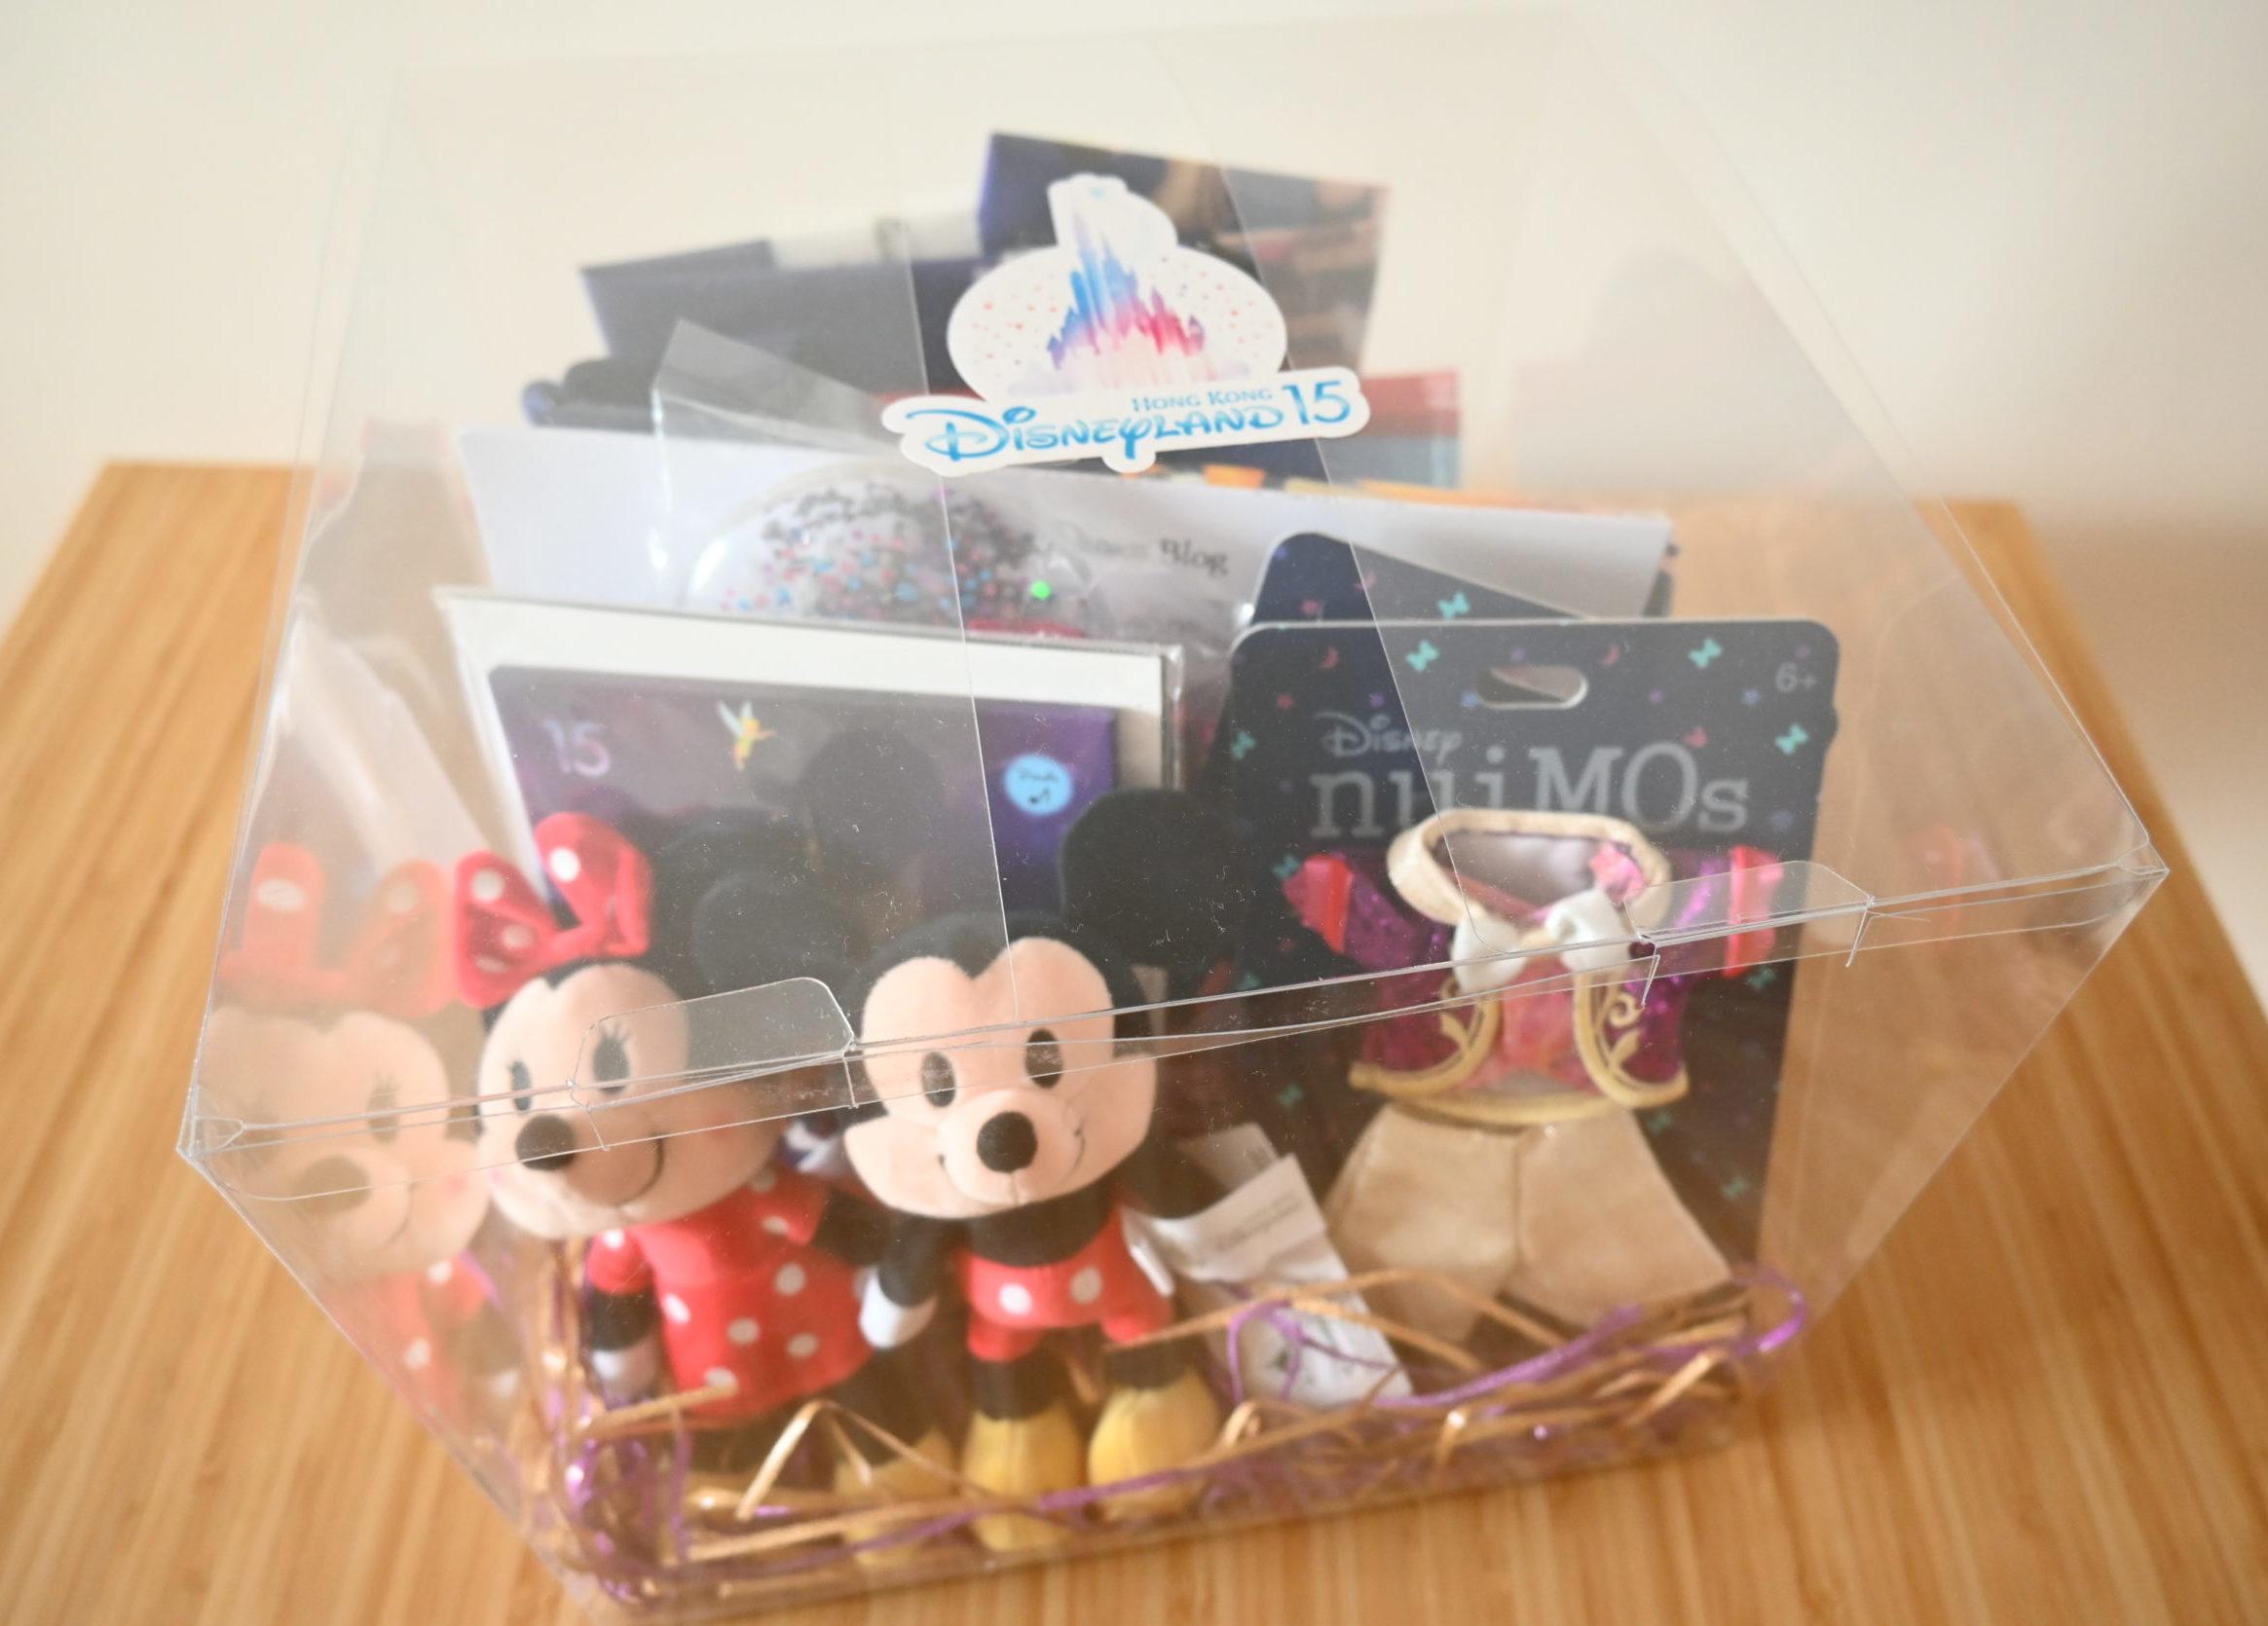 【開封】香港ディズニーから届いた限定品詰め合わせギフトボックス。